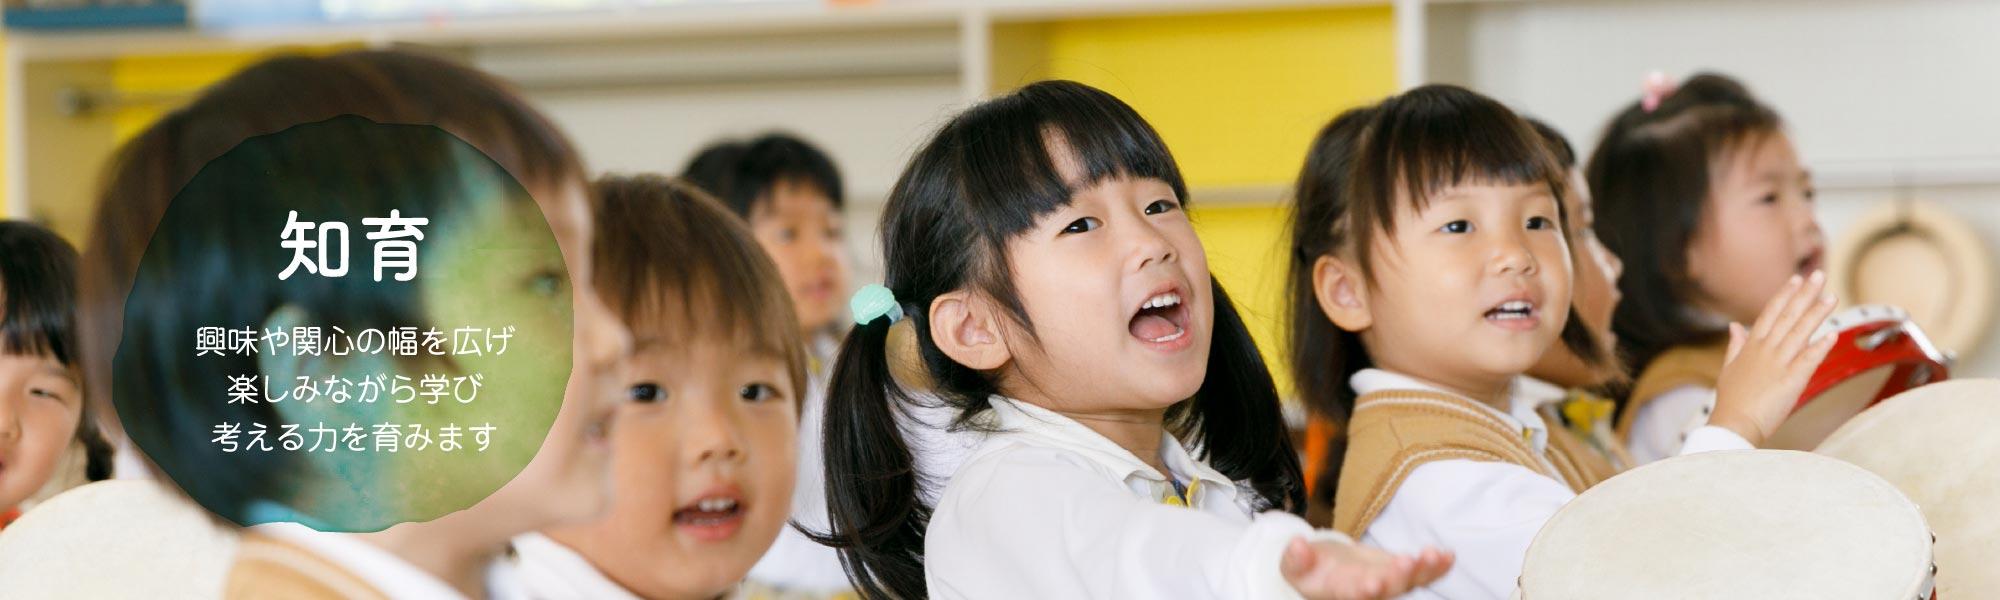 知育 興味や関心の幅を広げ 楽しみながら学び 考える力を育みます